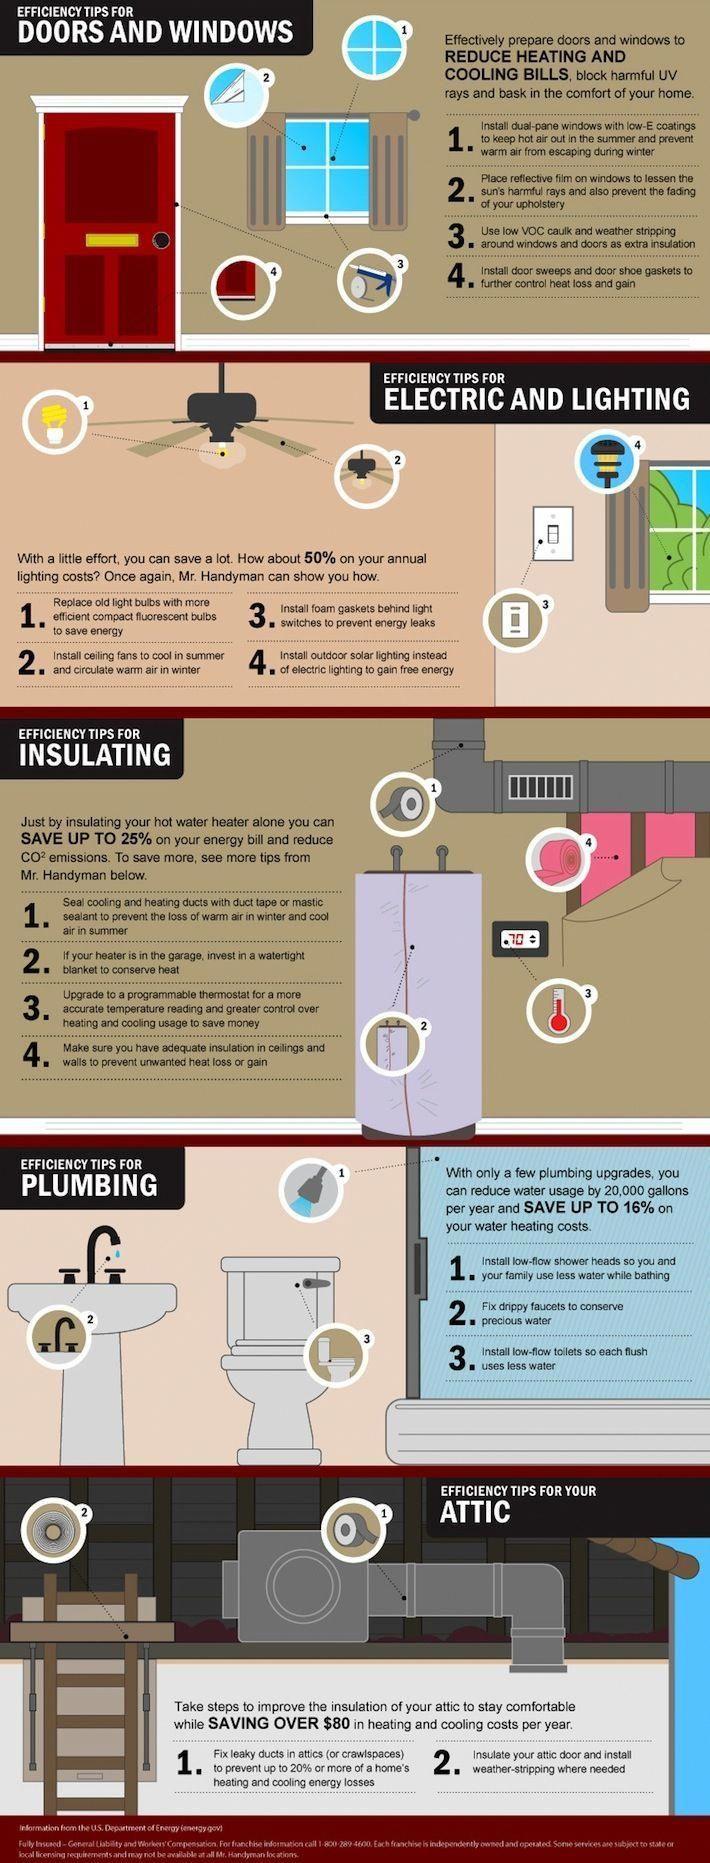 Fantastic! Eye appealing. home renovation ideas in 2020